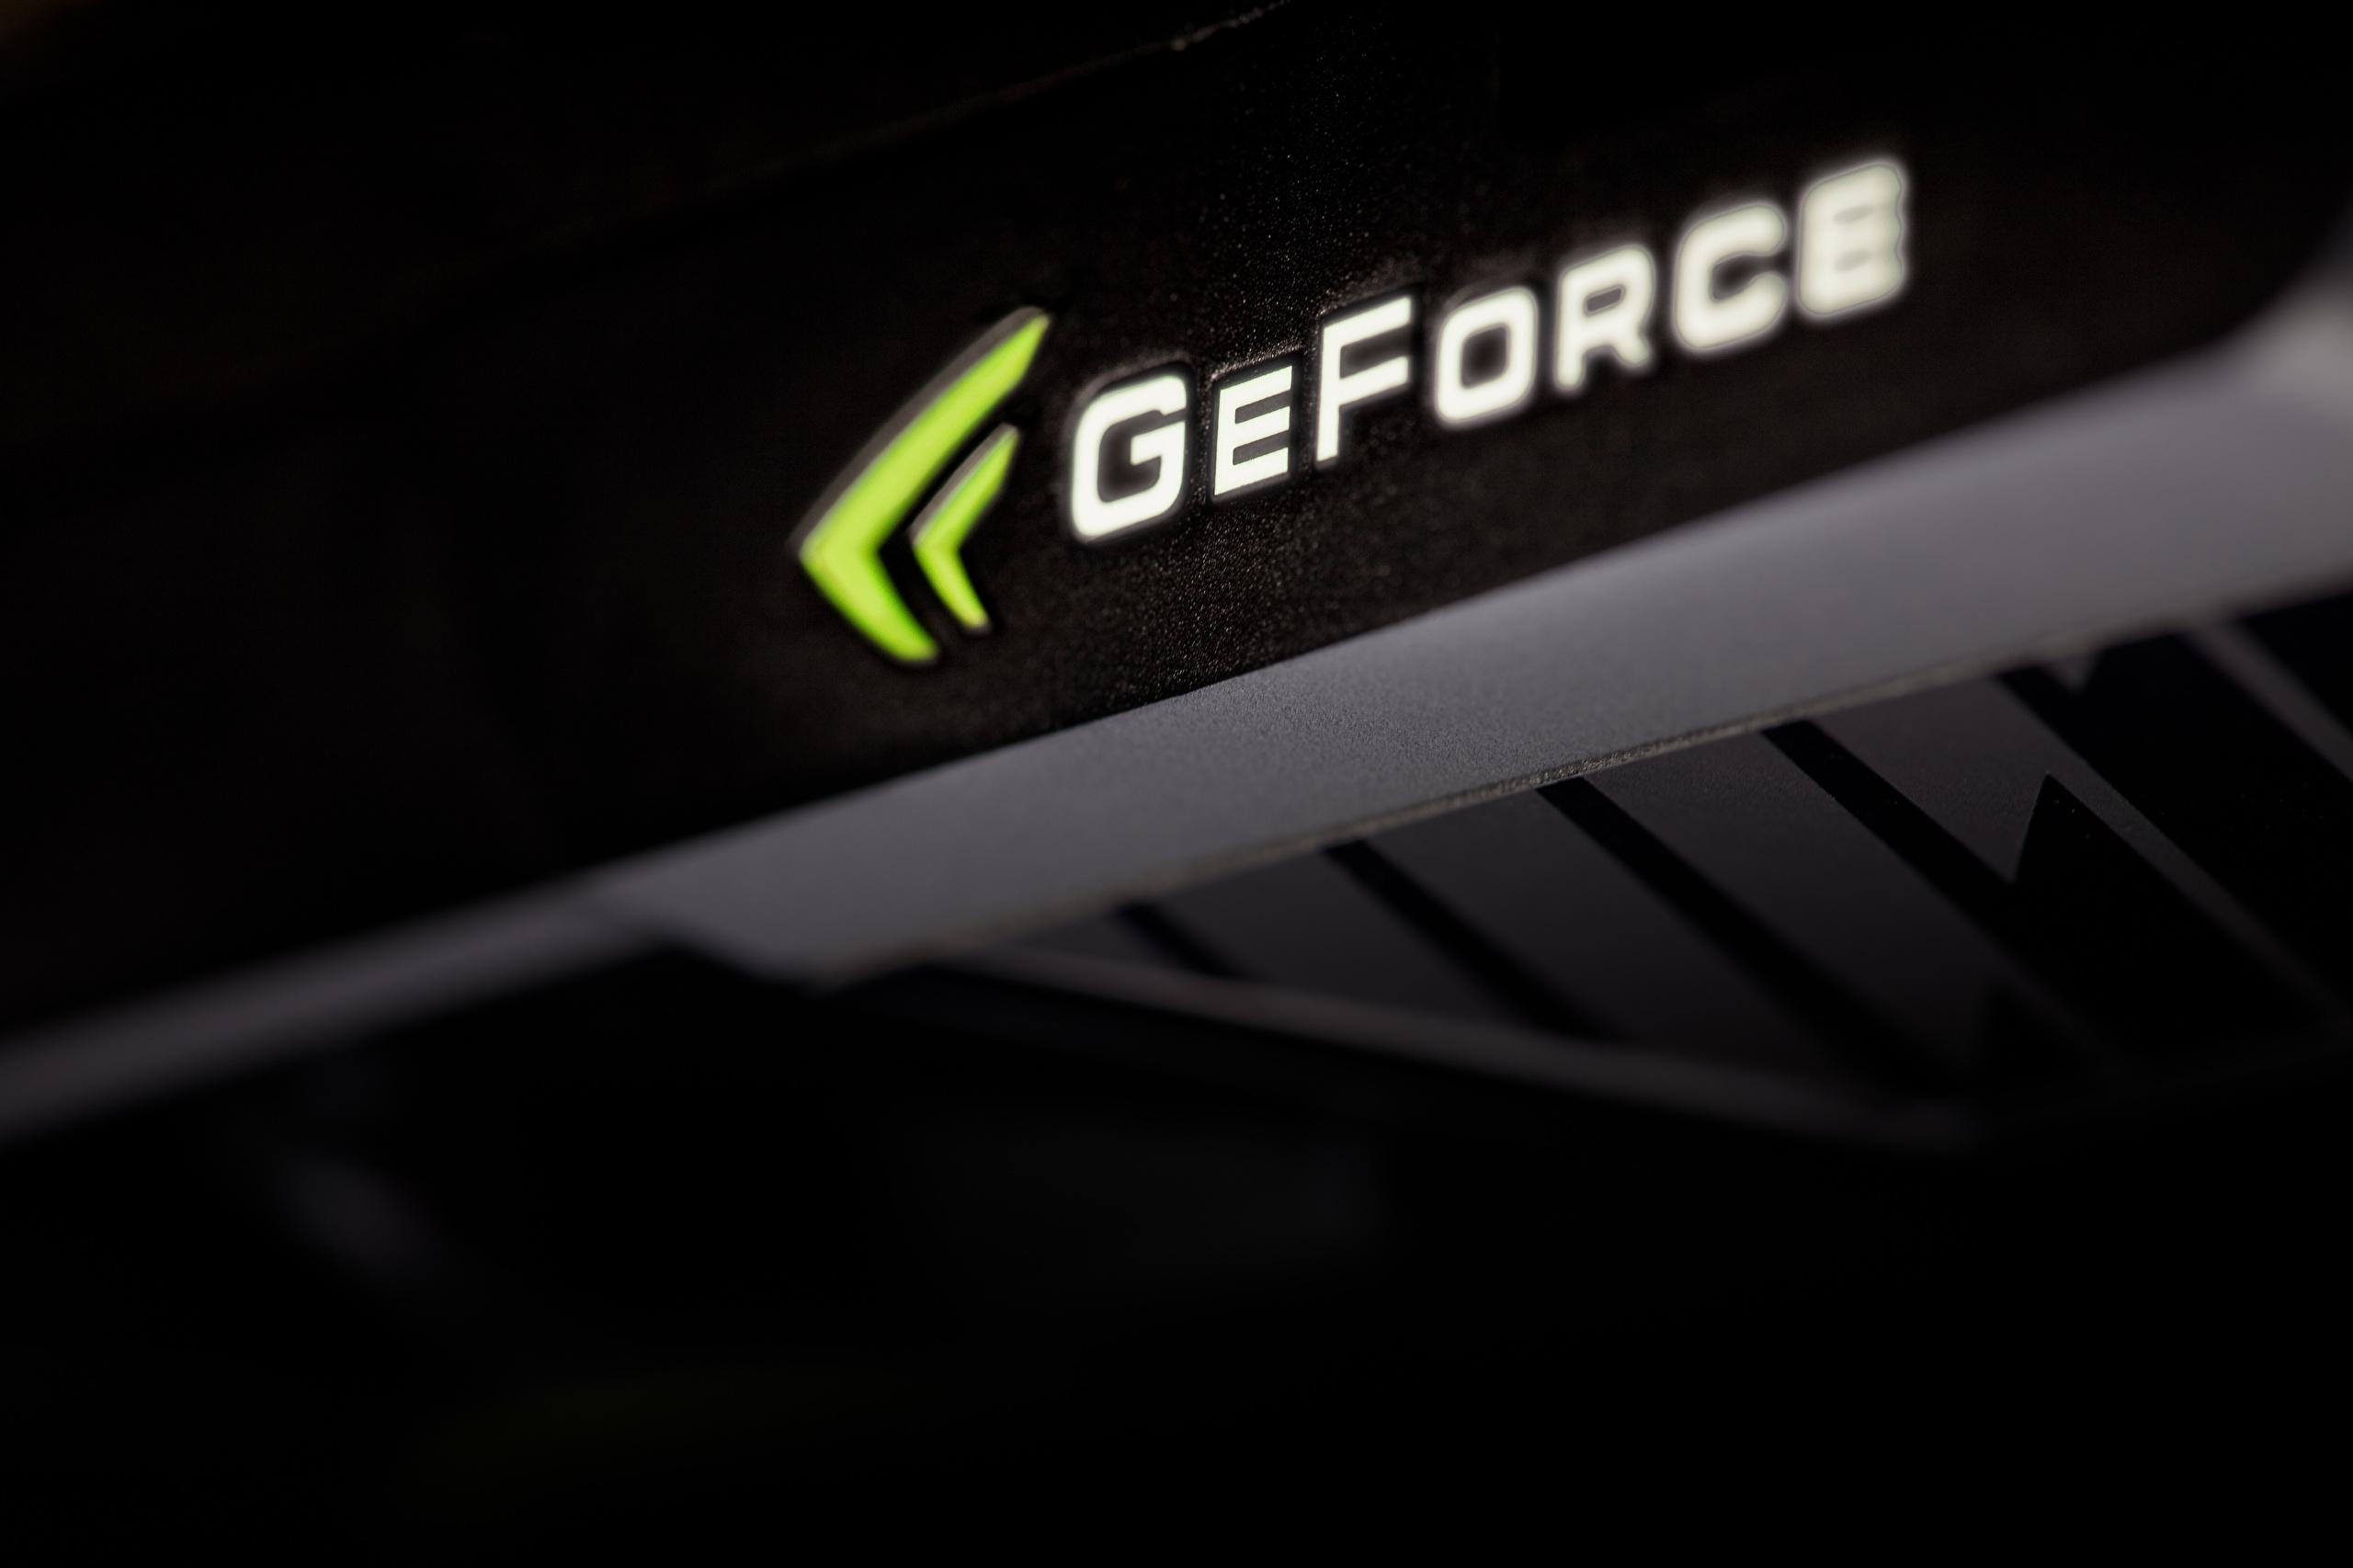 картинкикарта GTX 690 Nvidia загрузить